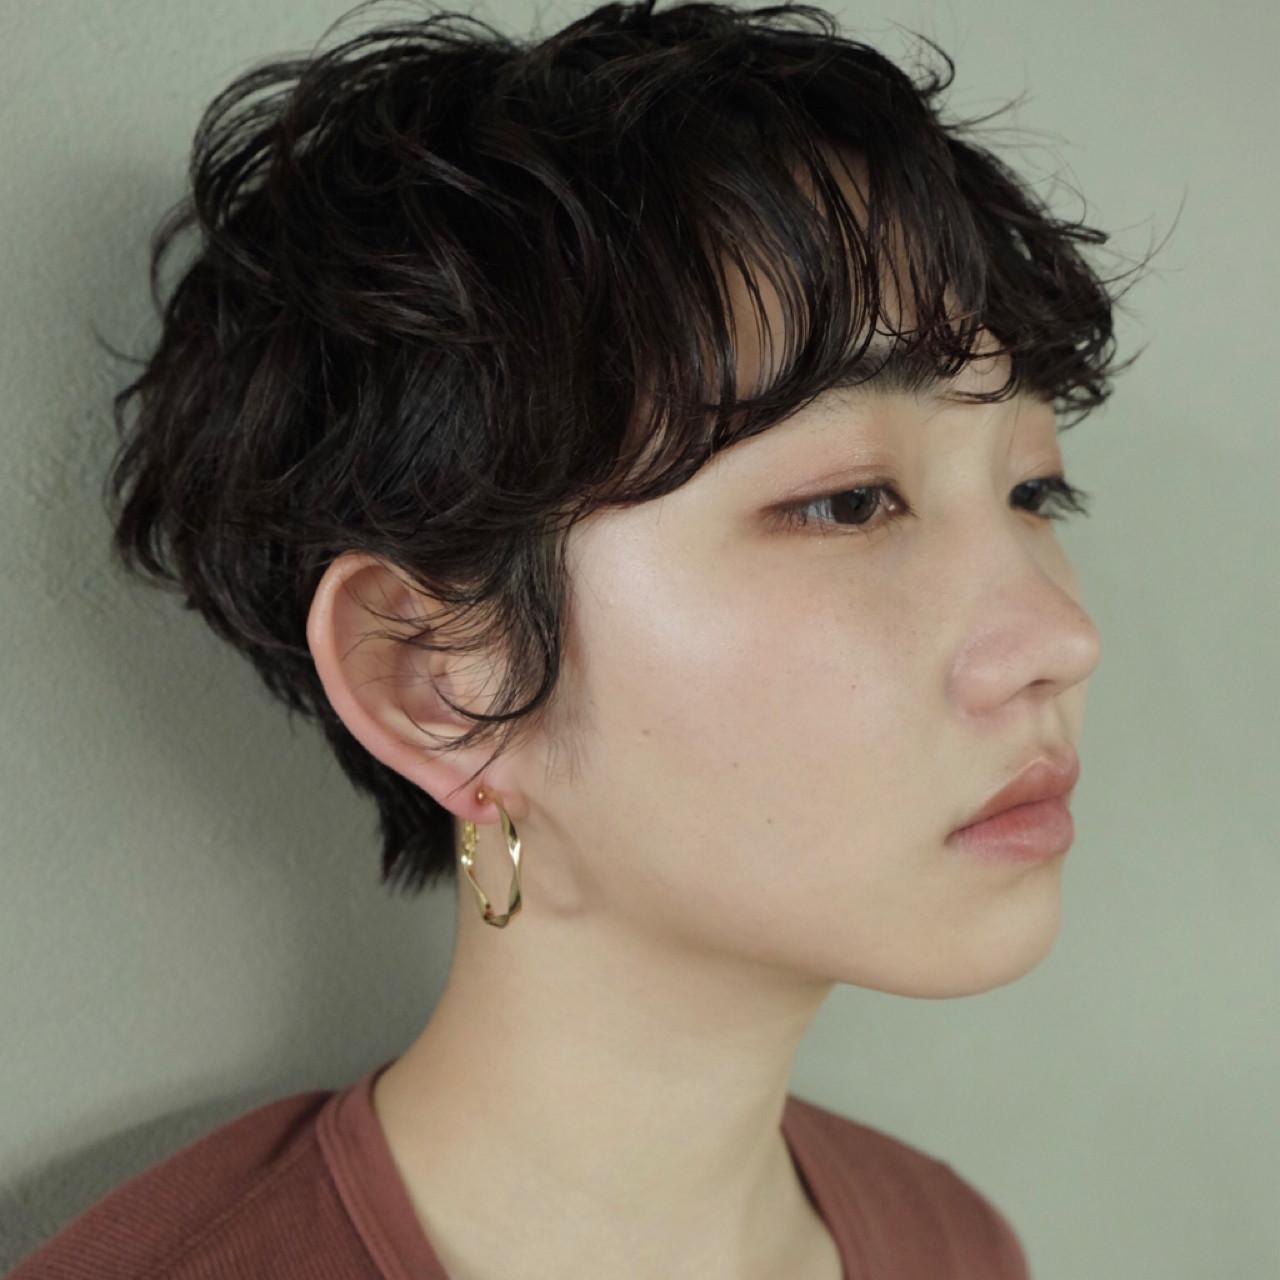 無造作パーマが可愛らしいベリーショート 高橋 忍 | nanuk渋谷店(ナヌーク)